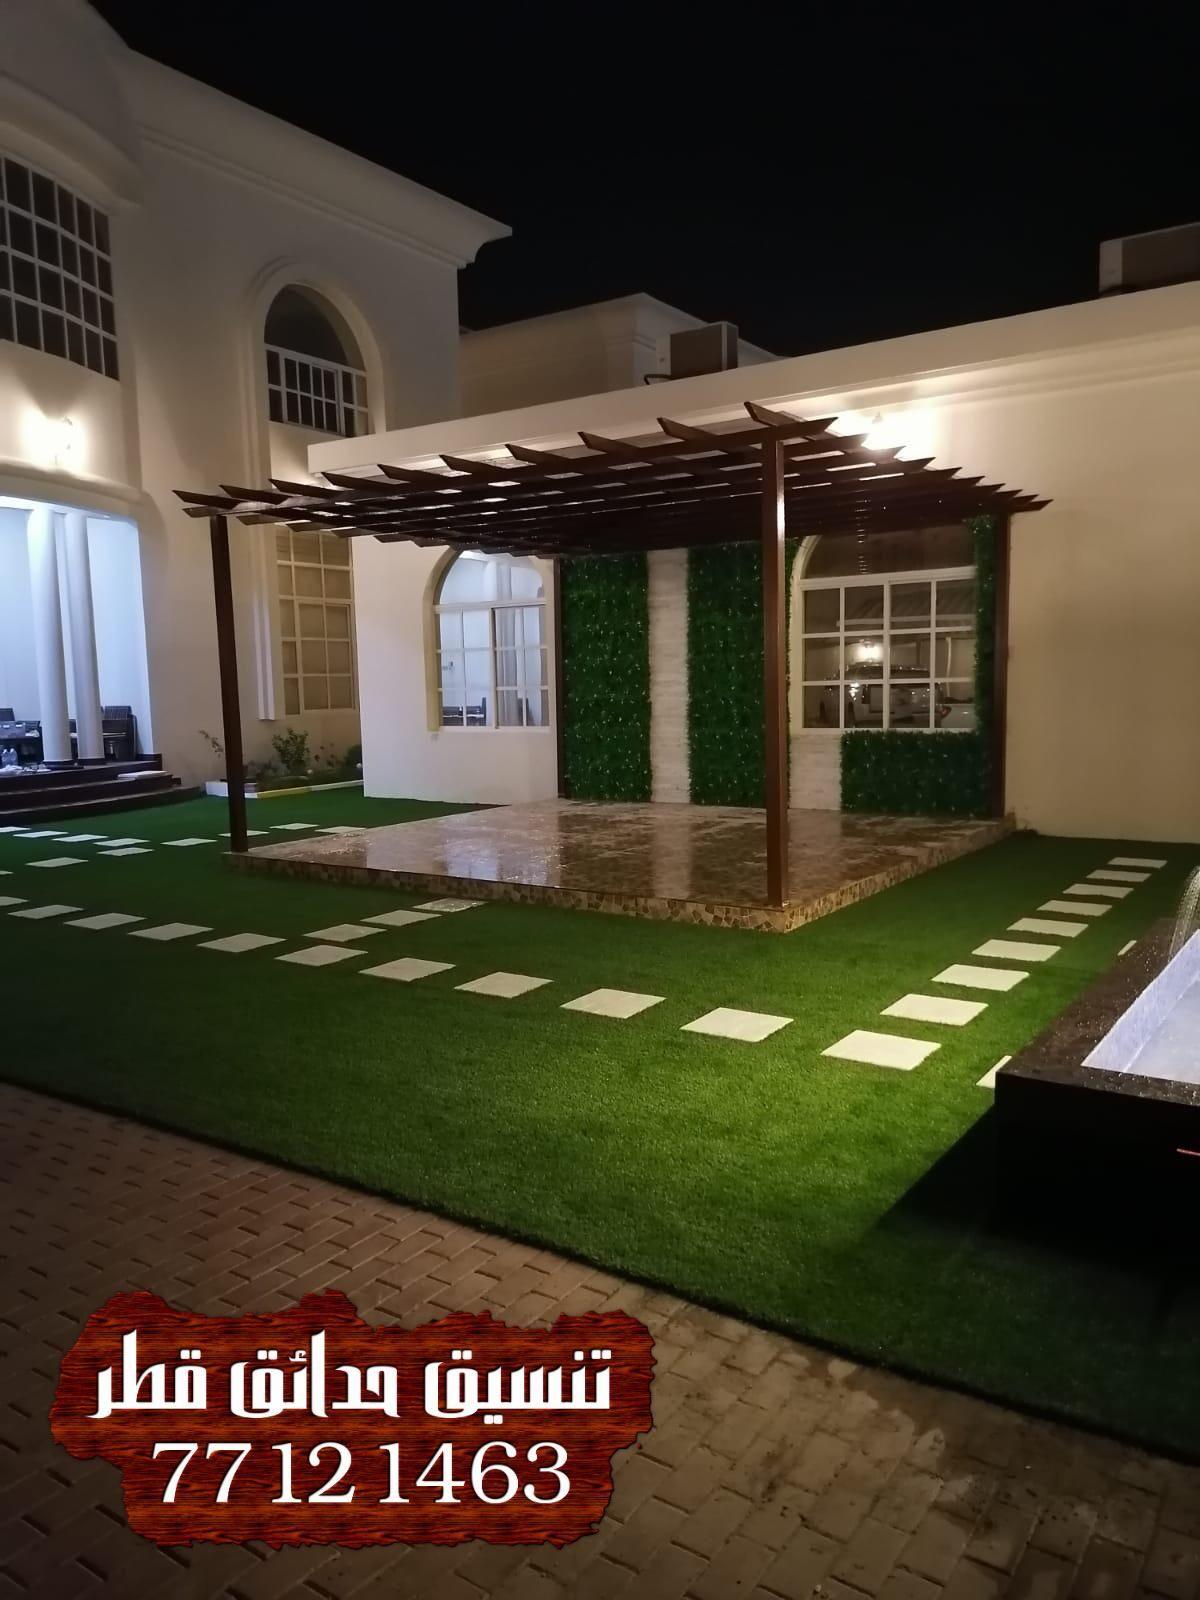 افكار تصميم حديقة منزلية قطر افكار تنسيق حدائق افكار تنسيق حدائق منزليه افكار تجميل حدائق منزلية Outdoor Structures Pergola Outdoor